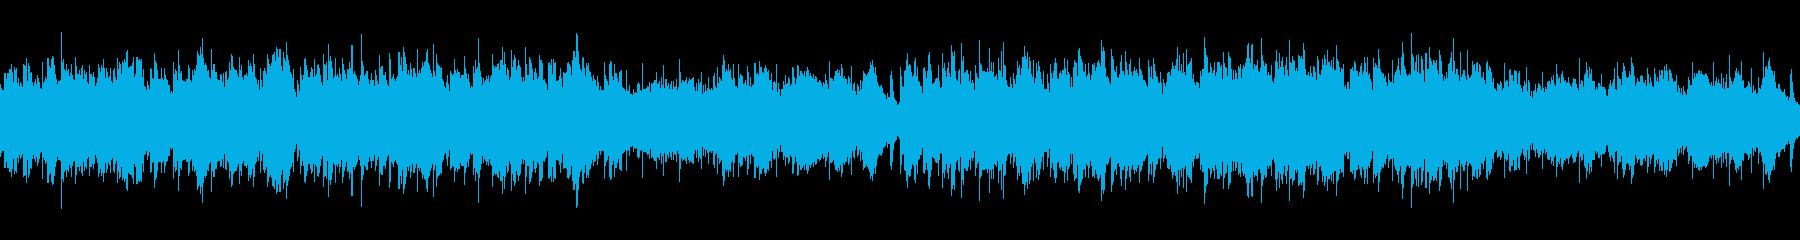 パンフルートとピアノの日常系BGMの再生済みの波形